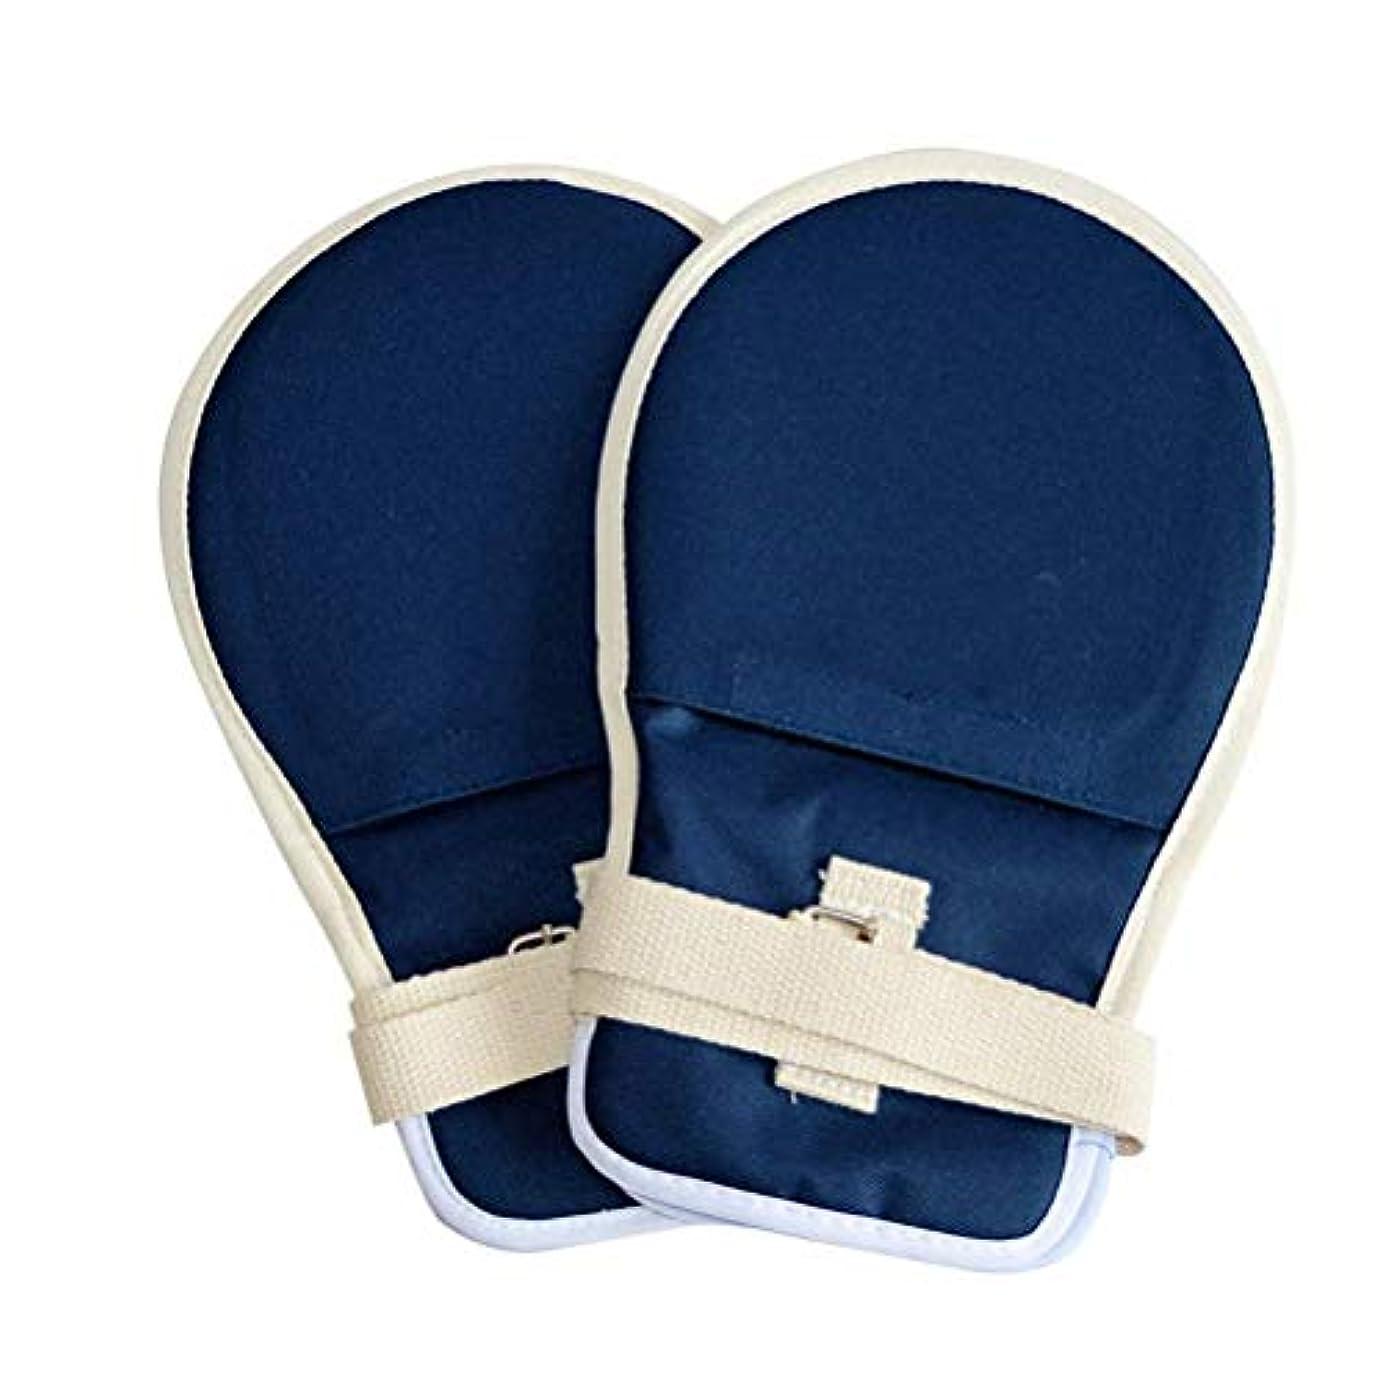 ワゴン乏しいスリップフィンガーコントロールミット-ハンドプロテクター安全装置、医療拘束患者の手感染安全手袋、指の予防固定手袋高齢患者 (2PCS)